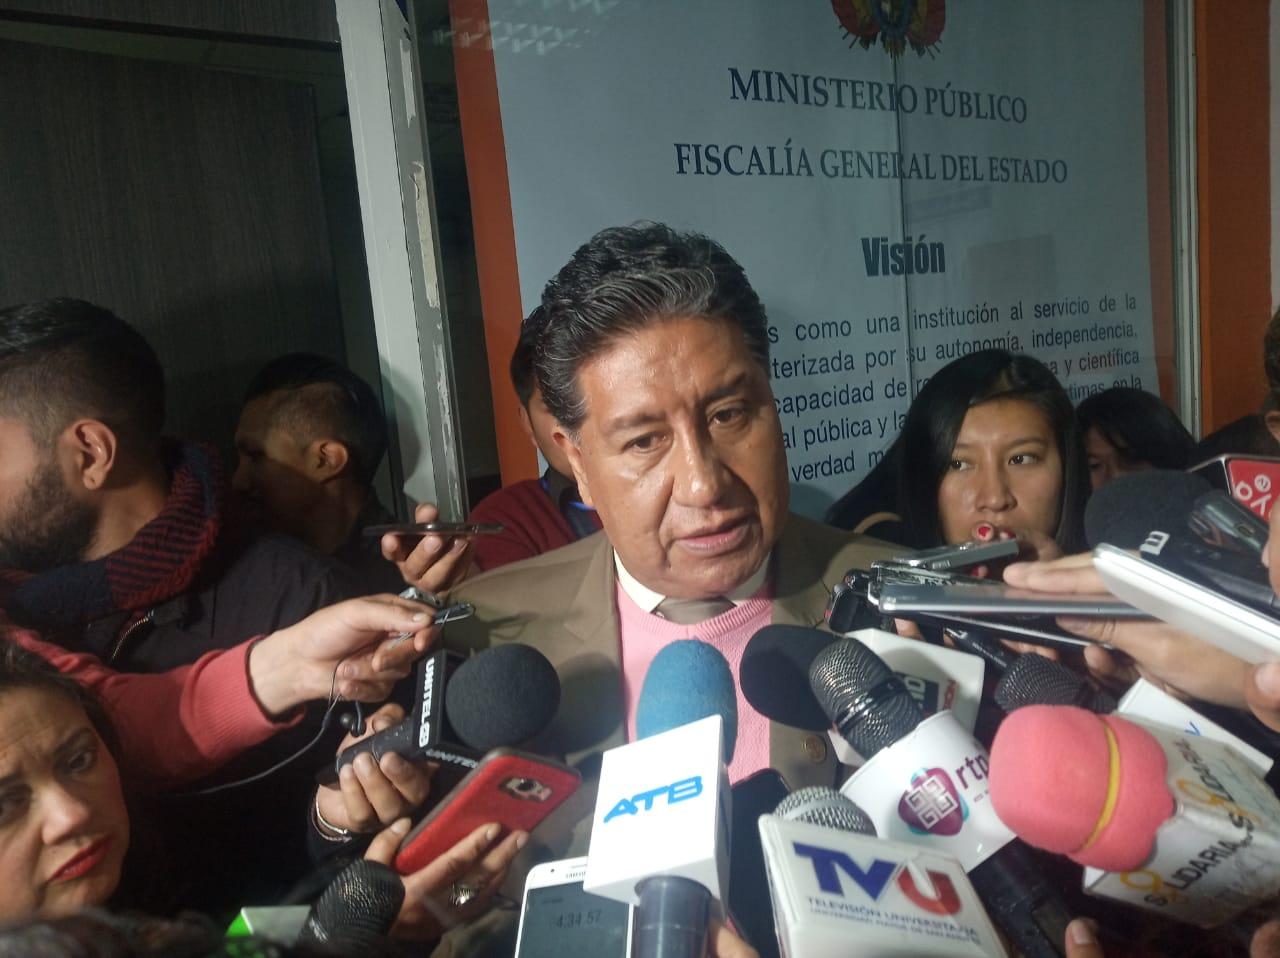 Fiscalía imputa a Revilla por atentado contra la salud pública en el caso del relleno sanitario de Alpacoma